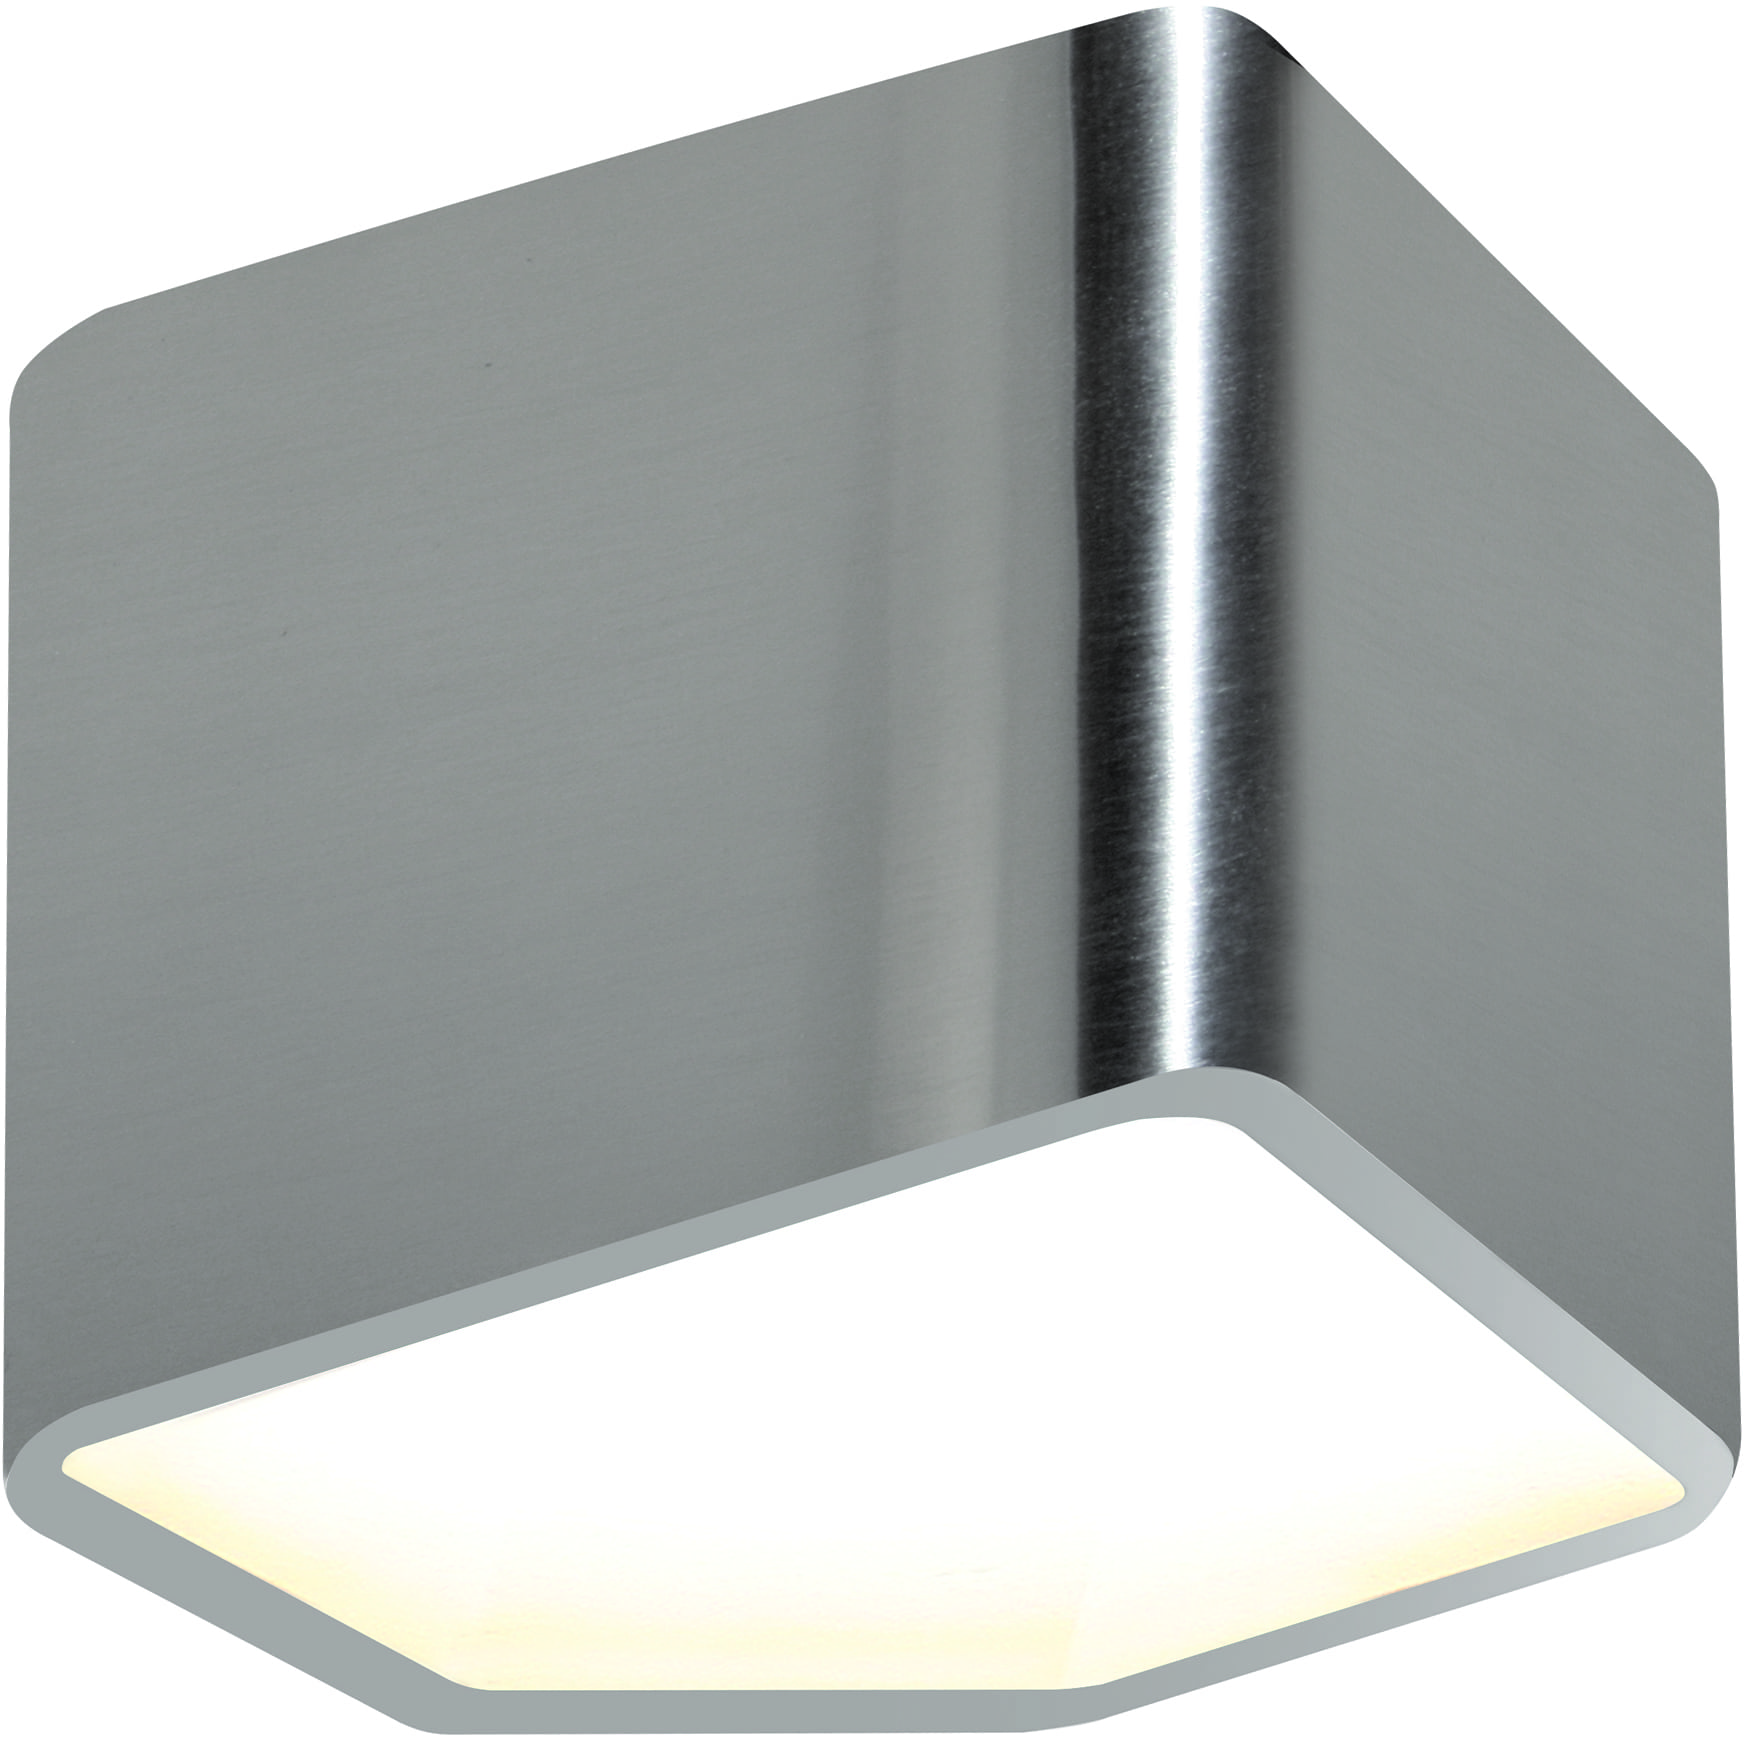 Chromowany Kinkiet Space LED z ciepłą barwa światła